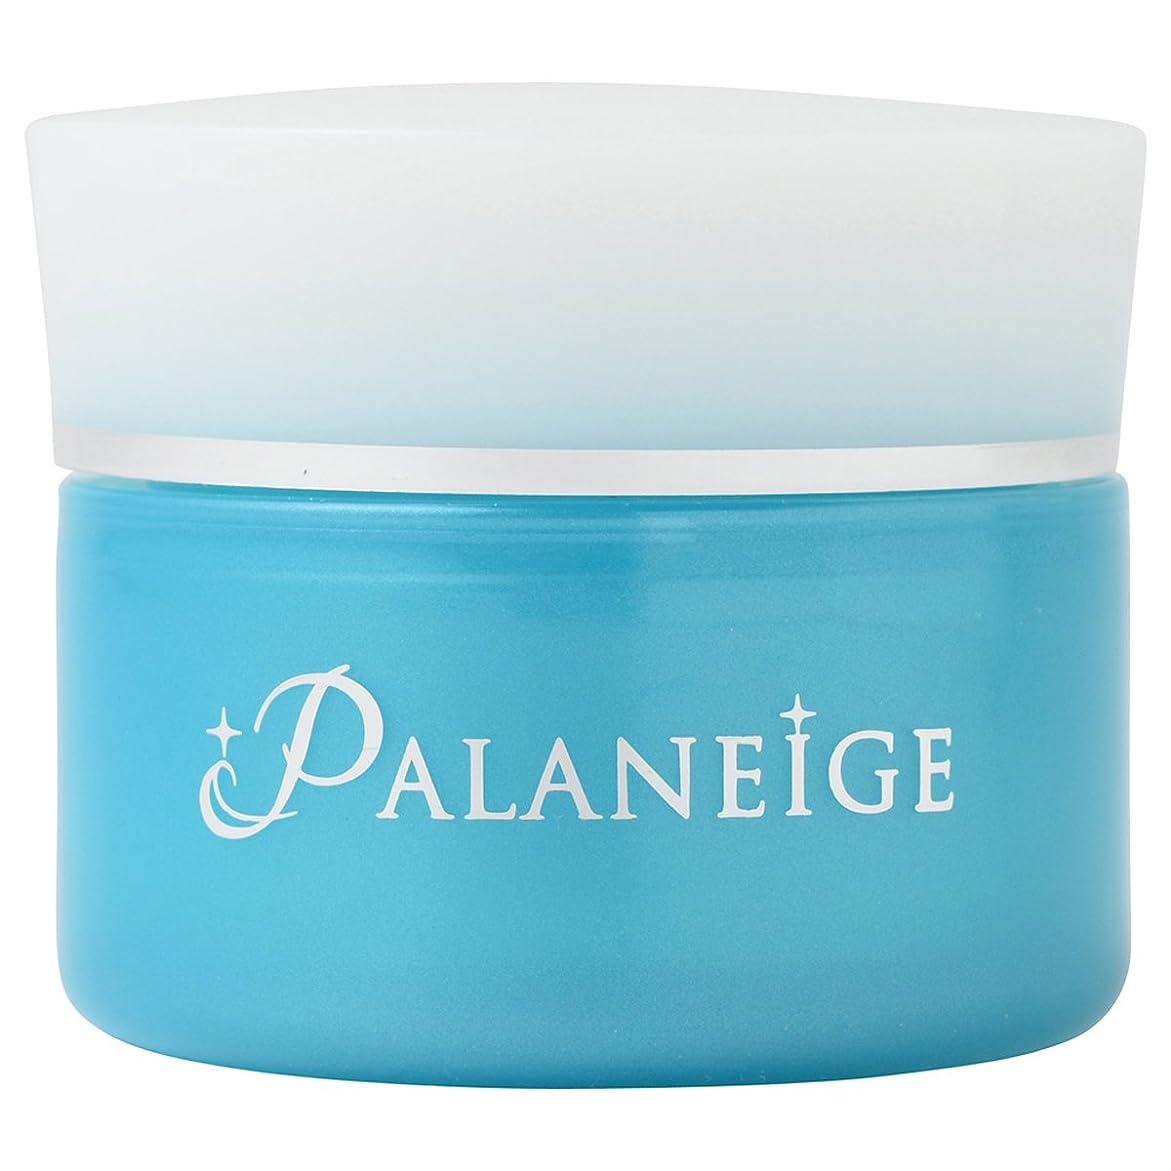 寝室を掃除する刺繍ペットパラネージュ ( Palaneige ) アルブチンの8倍の美白効果とプラセンタの250倍の美白有効成分があるパラオの白泥を利用した クレイパック